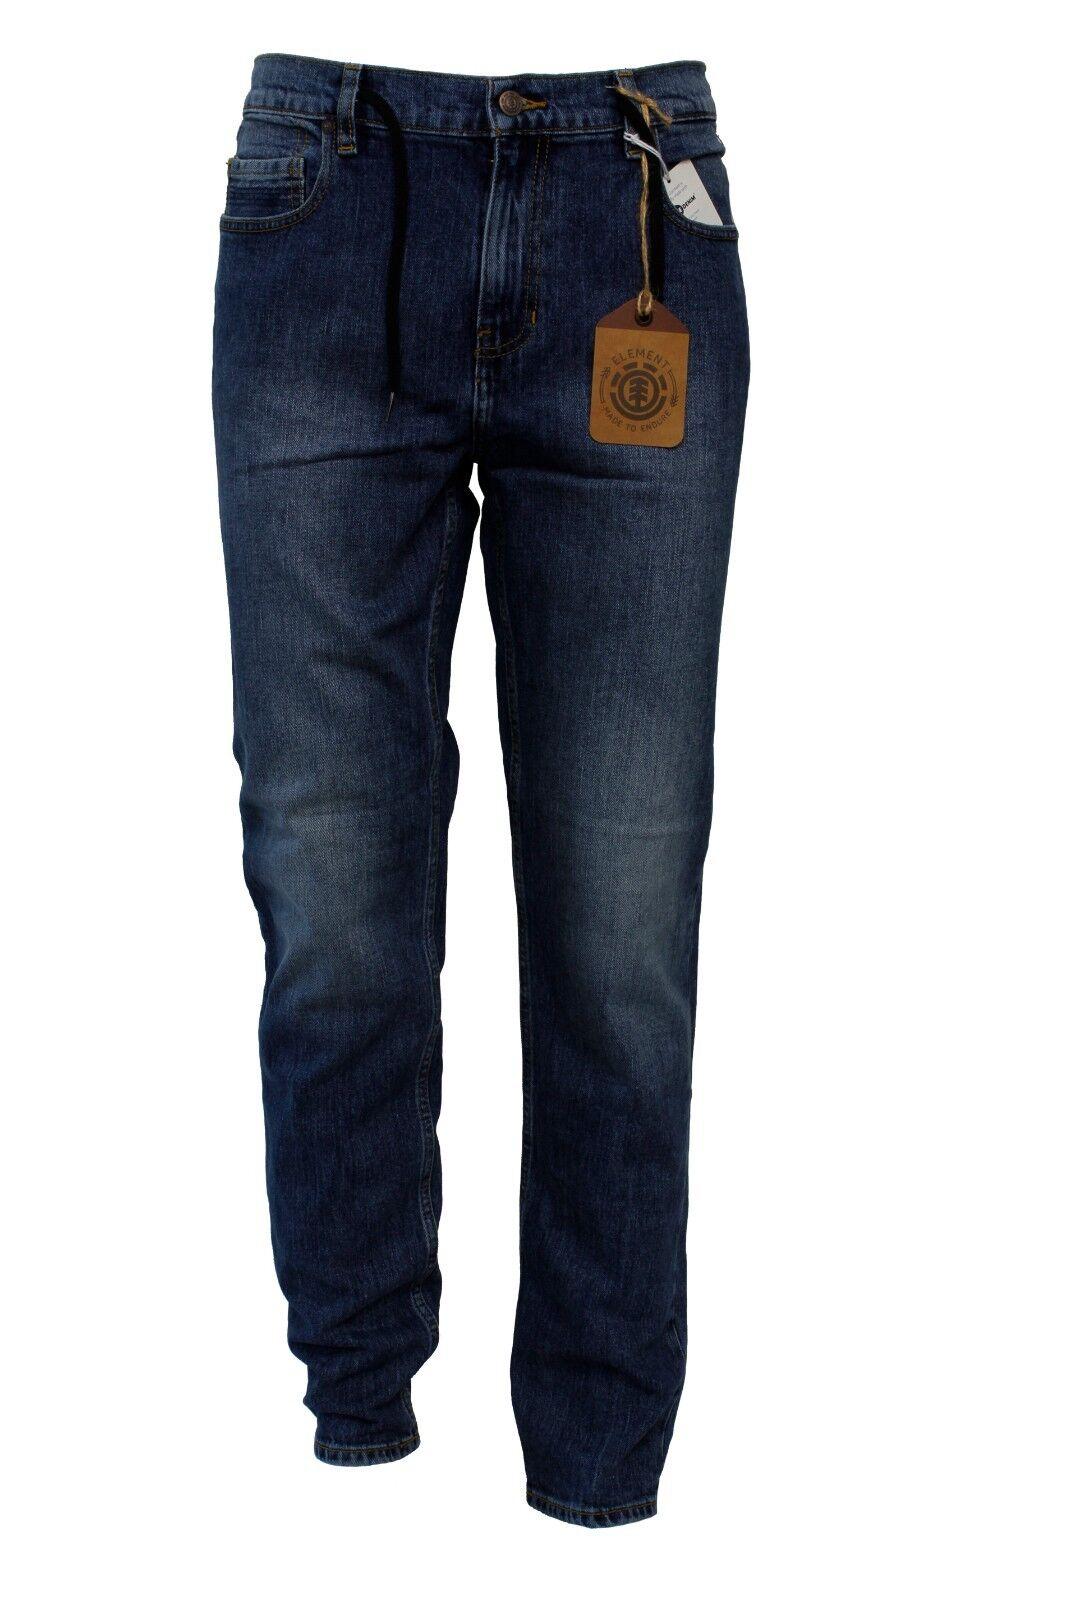 Jeans da da da uomo blu denim lungo Element Owen cotone elastan bottoni zip casual f0808e